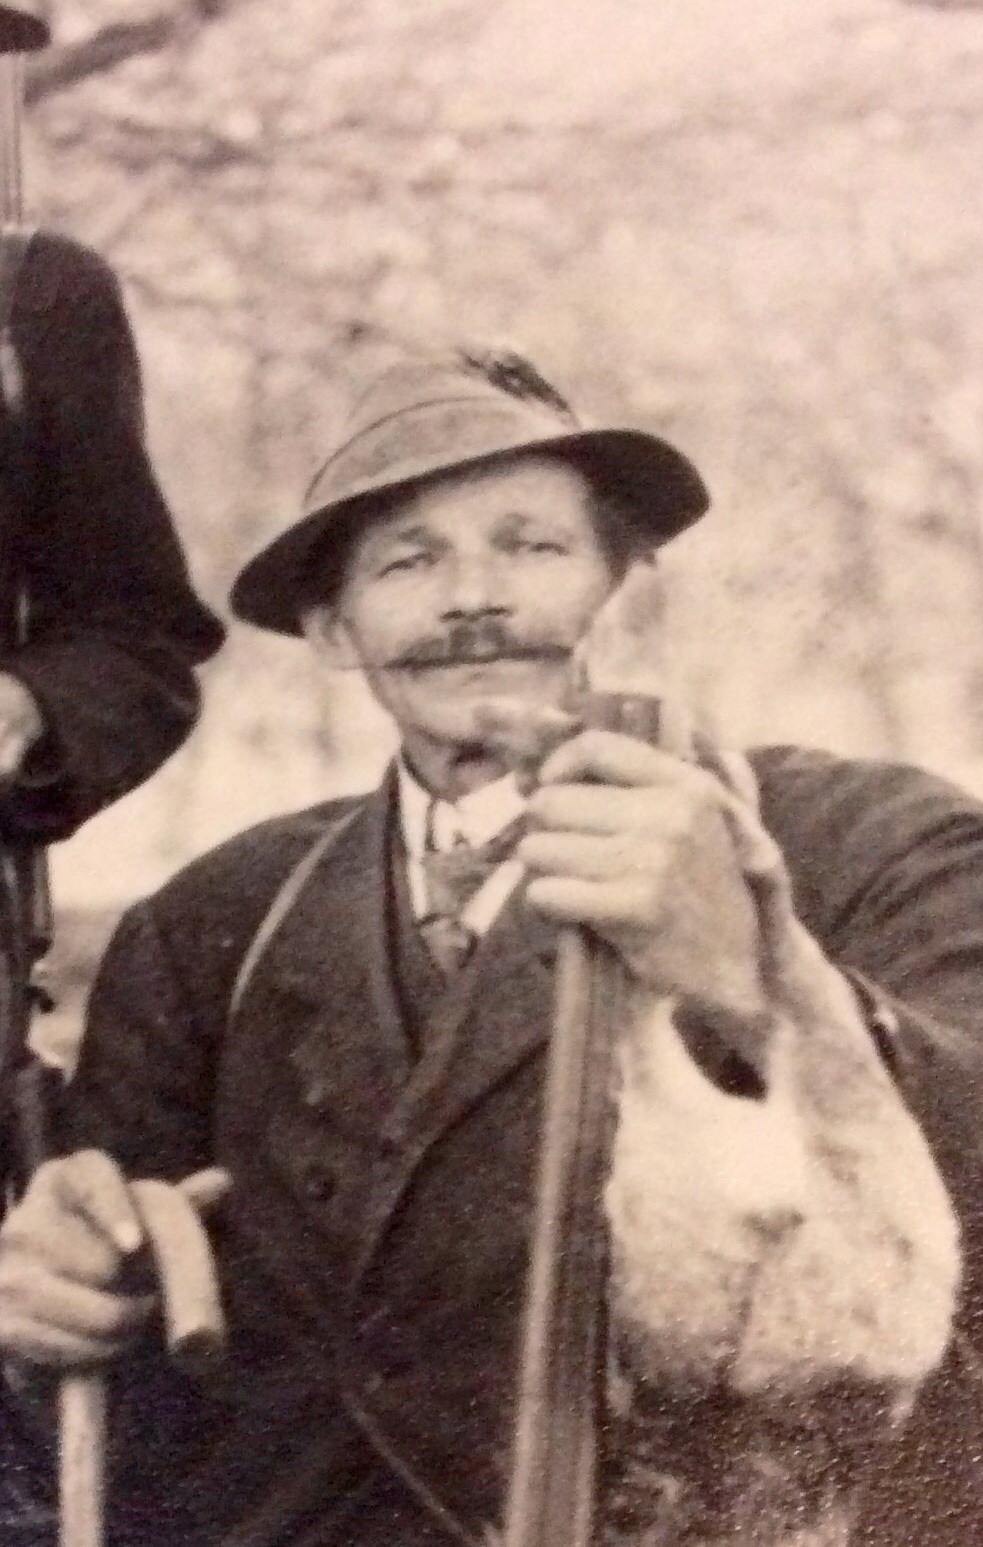 Mihelcic